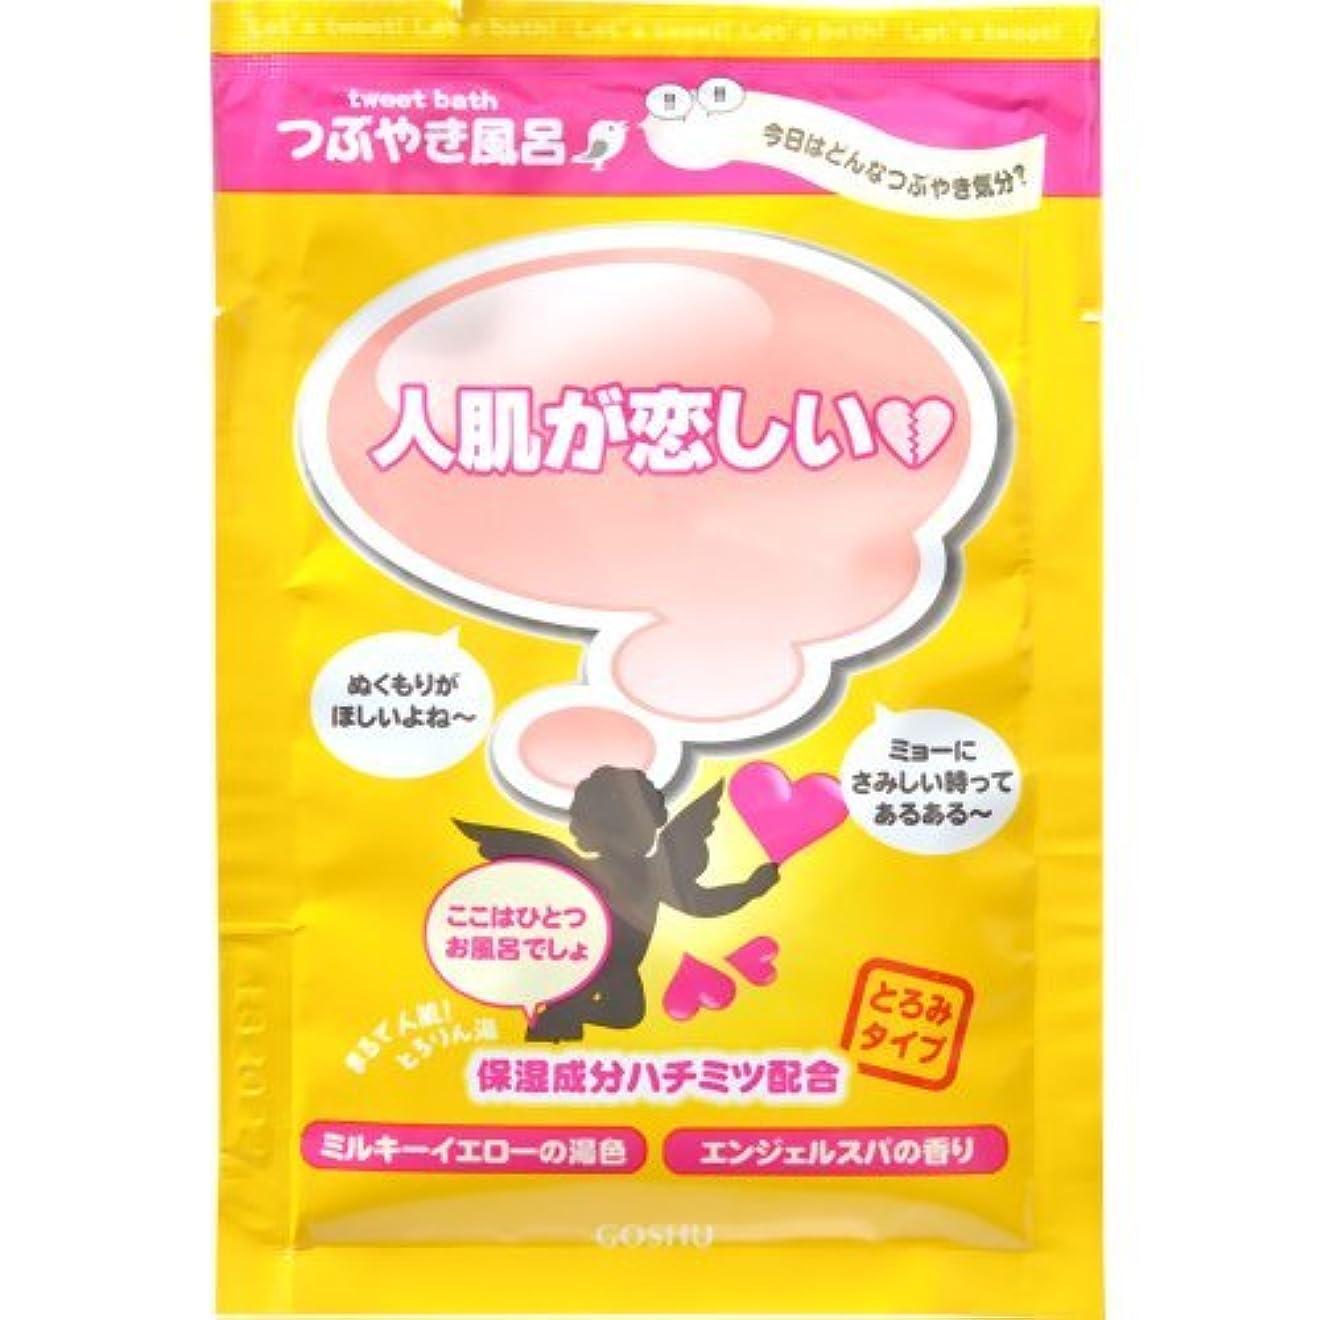 ファブリック囲い欲しいです五洲薬品 つぶやき風呂 人肌が恋しい エンジェルスパの香り 25g